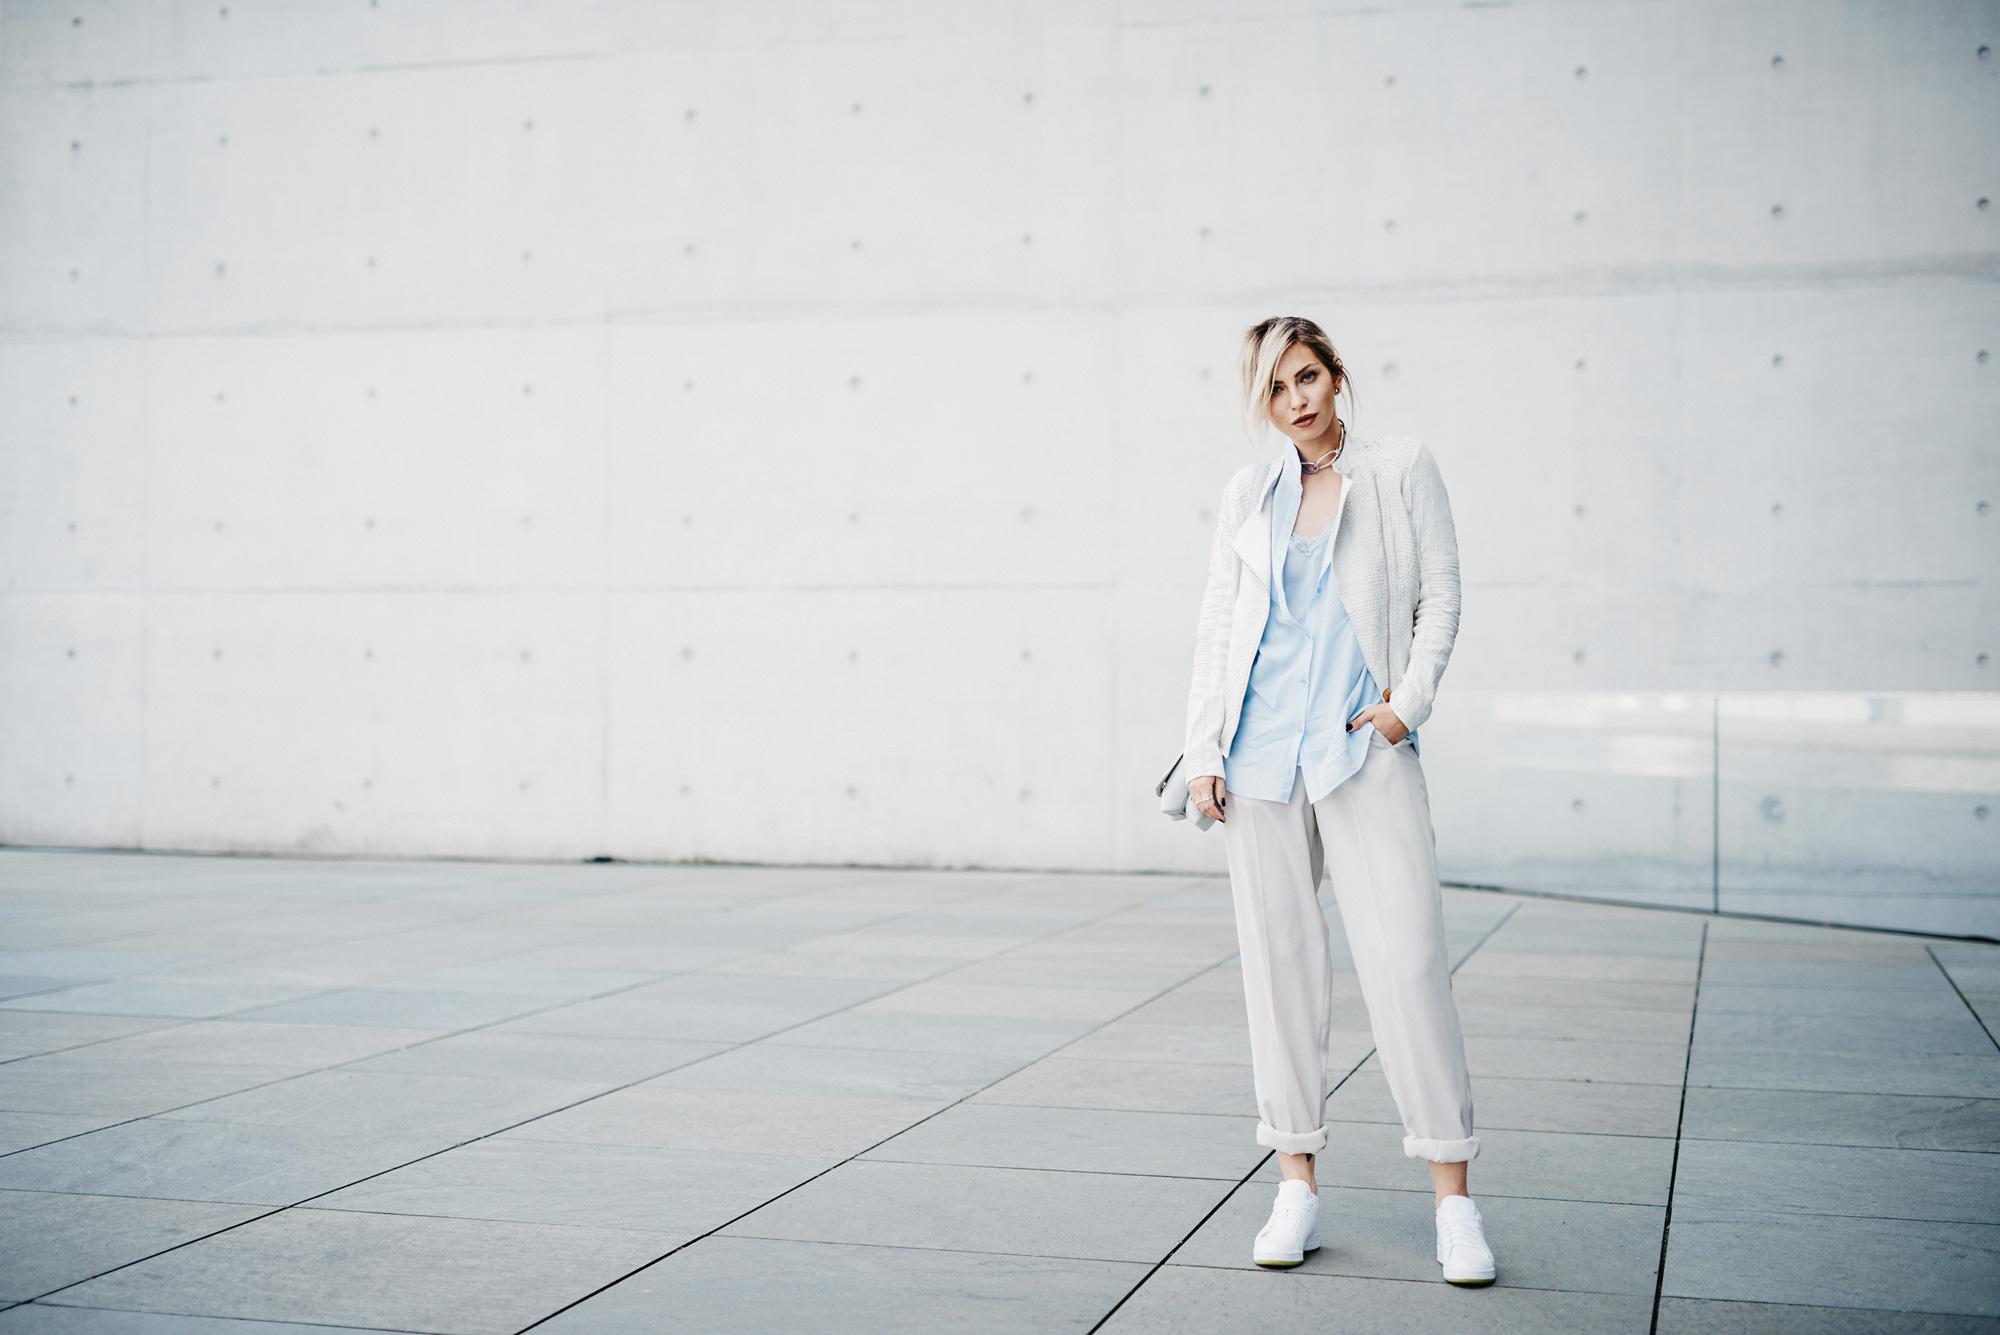 Девчонка-сорванец| стиль: легкий, деловой, мягкий, белый  | местоположение: Kanzleramt, Берлин | лейблы: Max&Co, Jil Sander, Balenciaga, Reebok